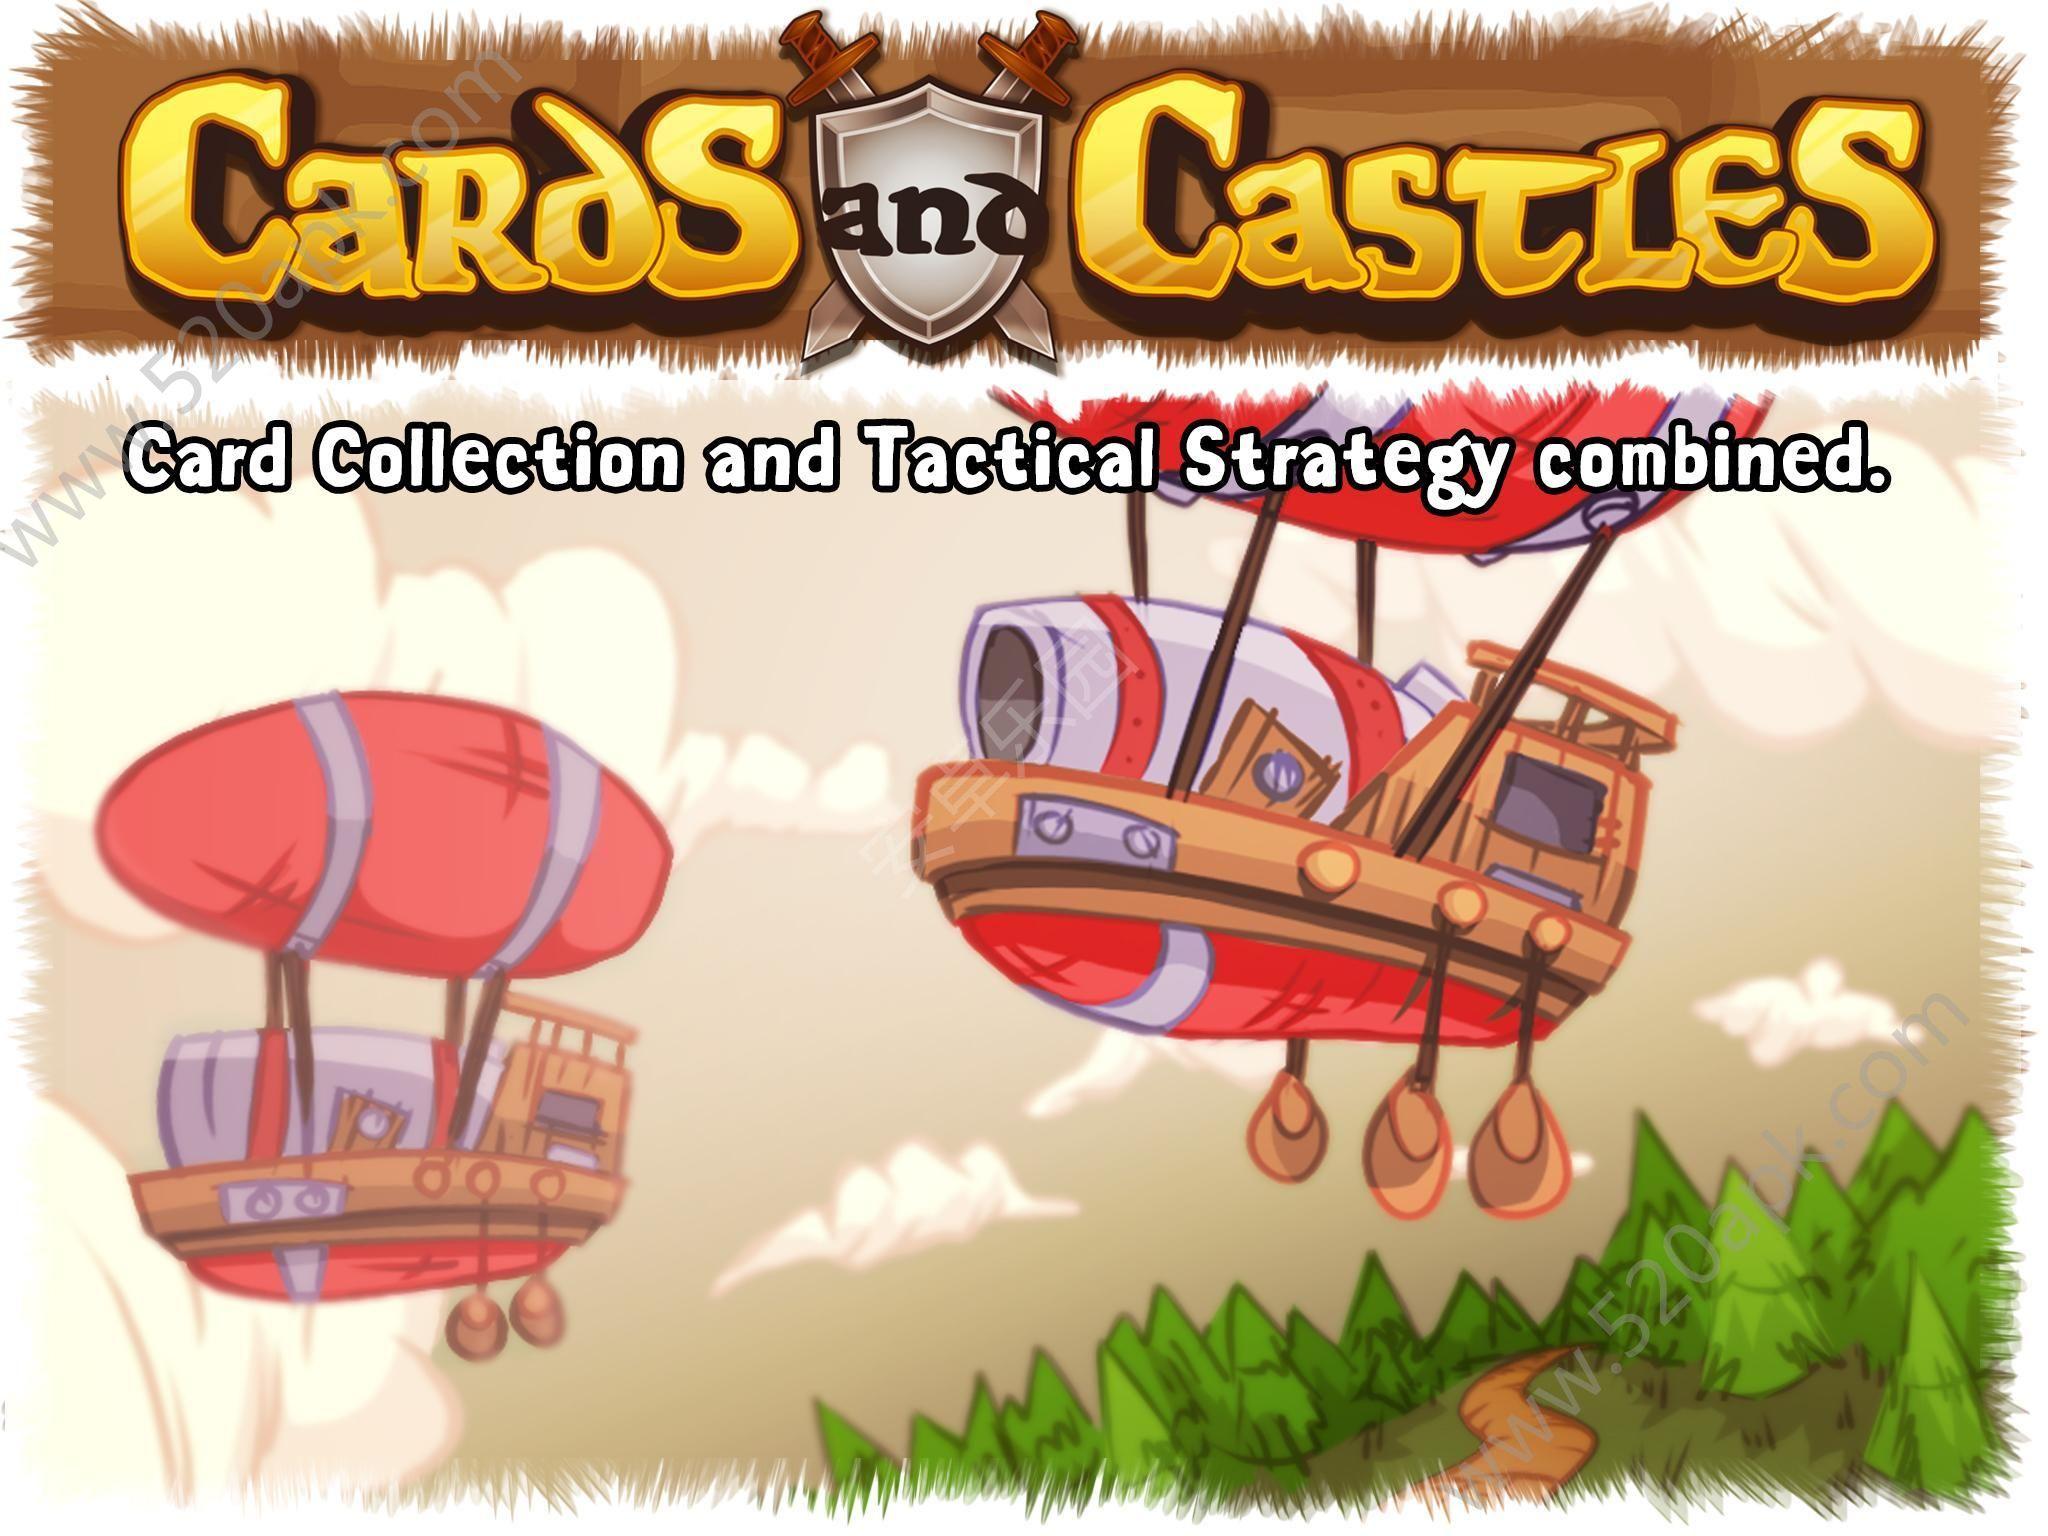 卡牌与城堡图1: